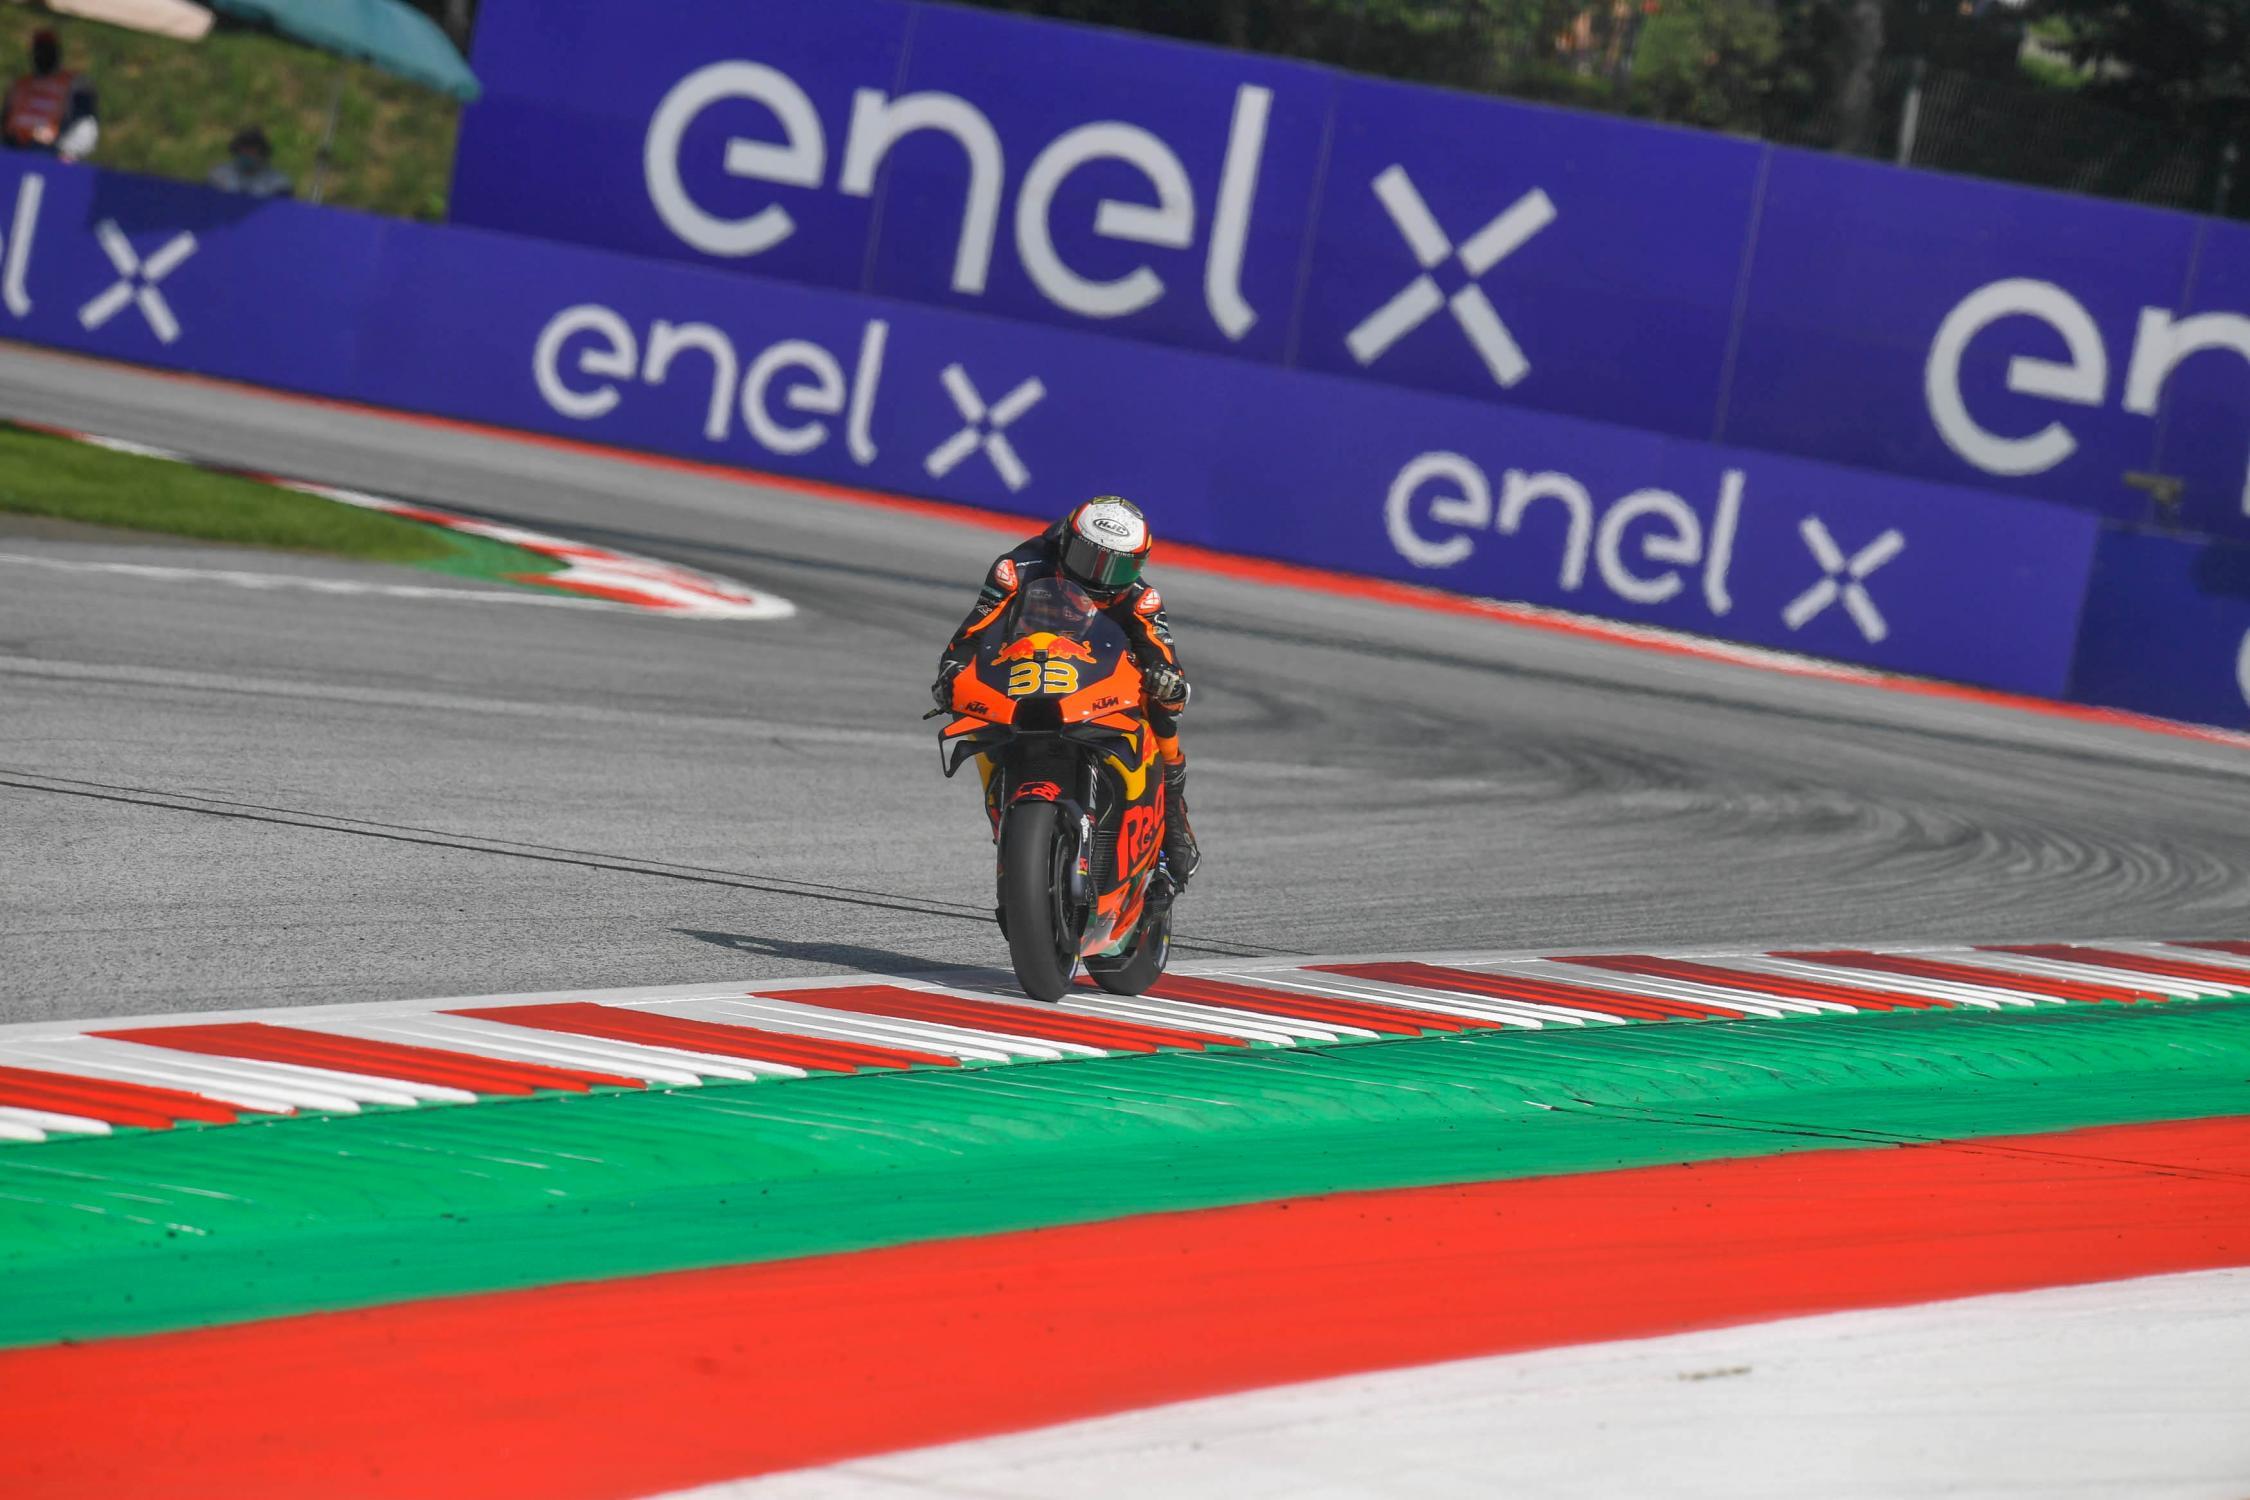 Gp d'Austria, risultati gara: Brad Binder vince una gara pazza, seconda posizione per Bagnaia.